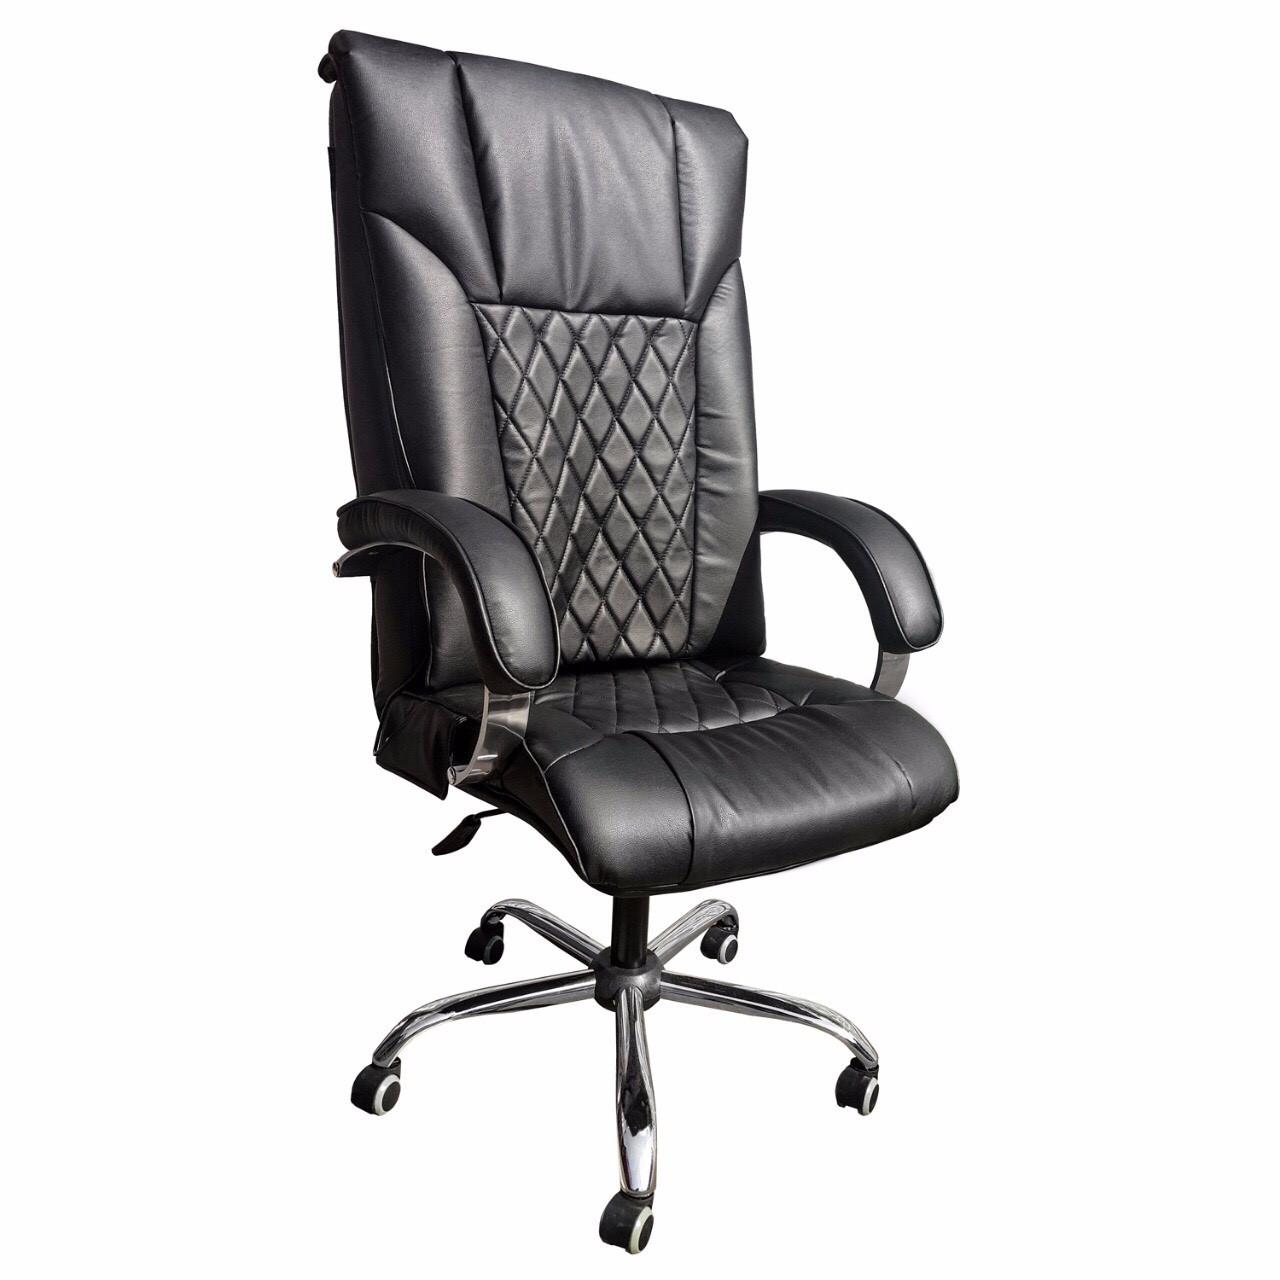 Офисное массажное кресло UK Domus EG-1002 LUX Standart - карамель